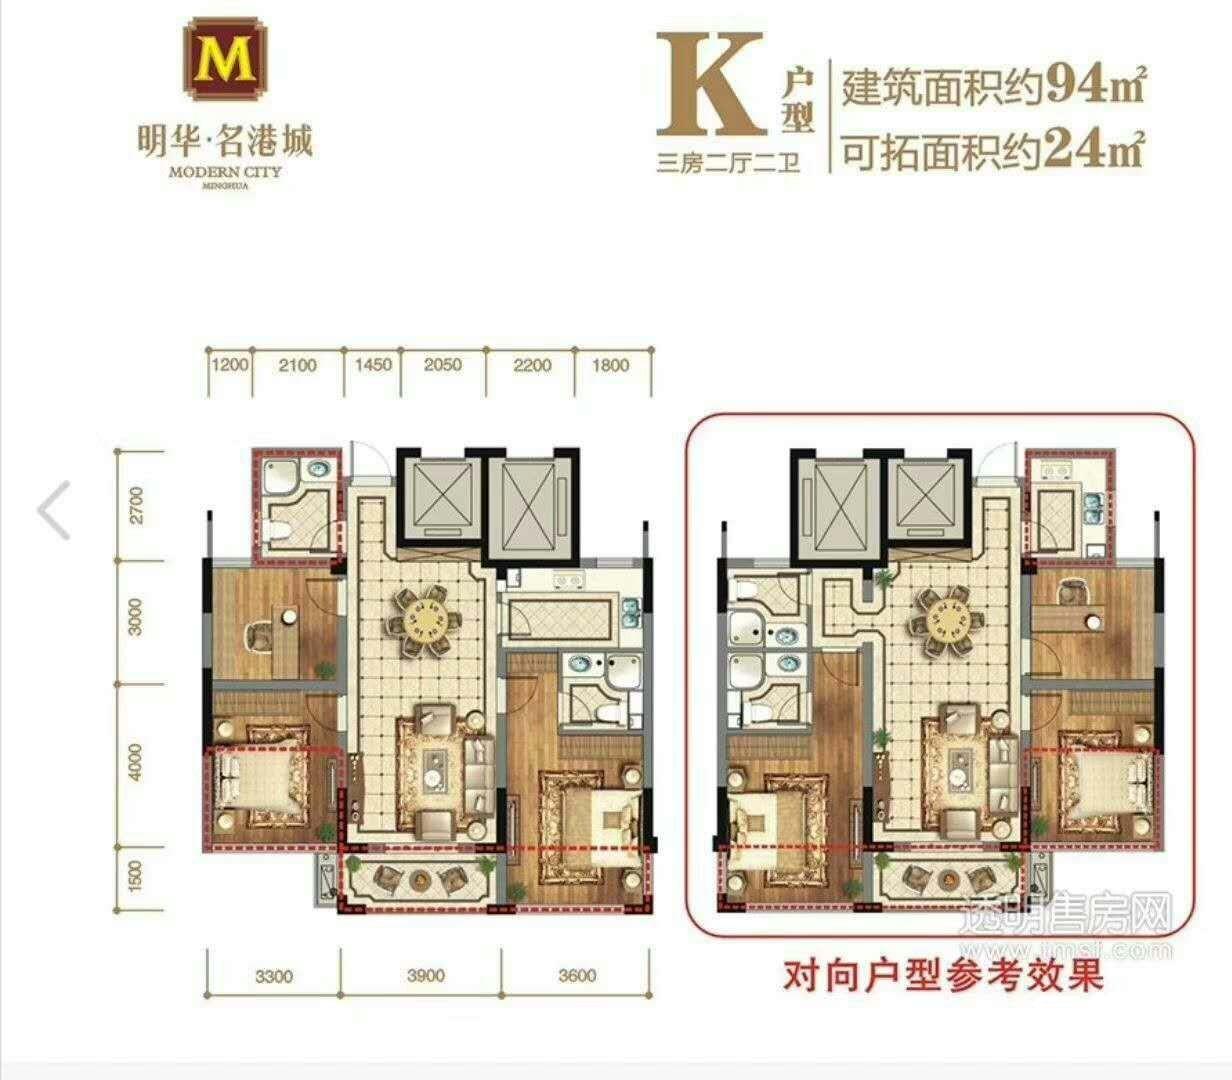 瓜瀝名港城二期樓王位置6樓96方送24方房東誠賣